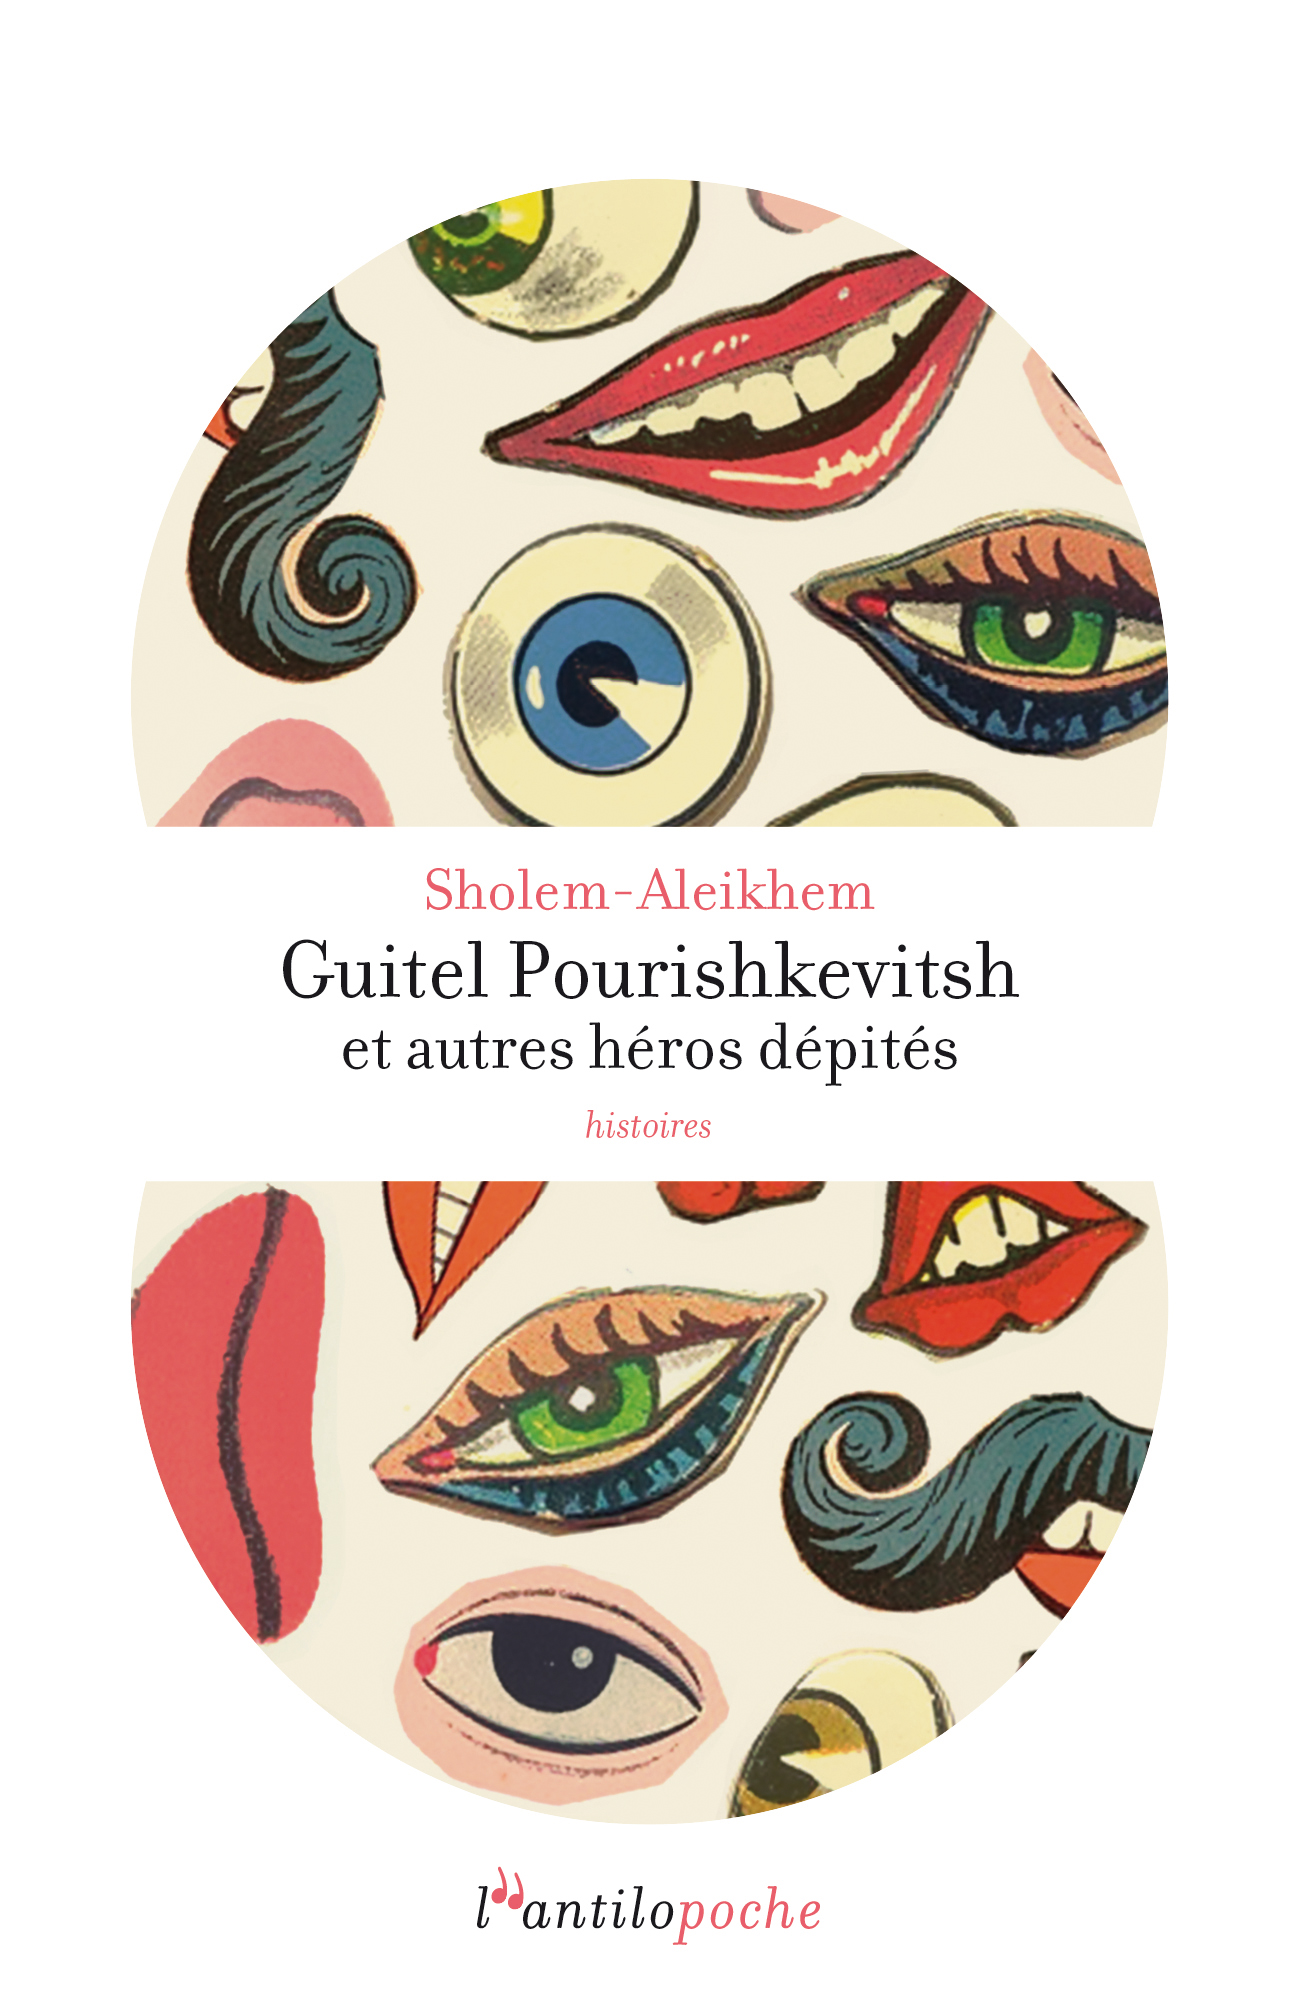 """""""Pourishkevitsh et autres héros dépités"""" de Sholem-Aleikhem, l'antilopoche, 16 septembre 2021"""